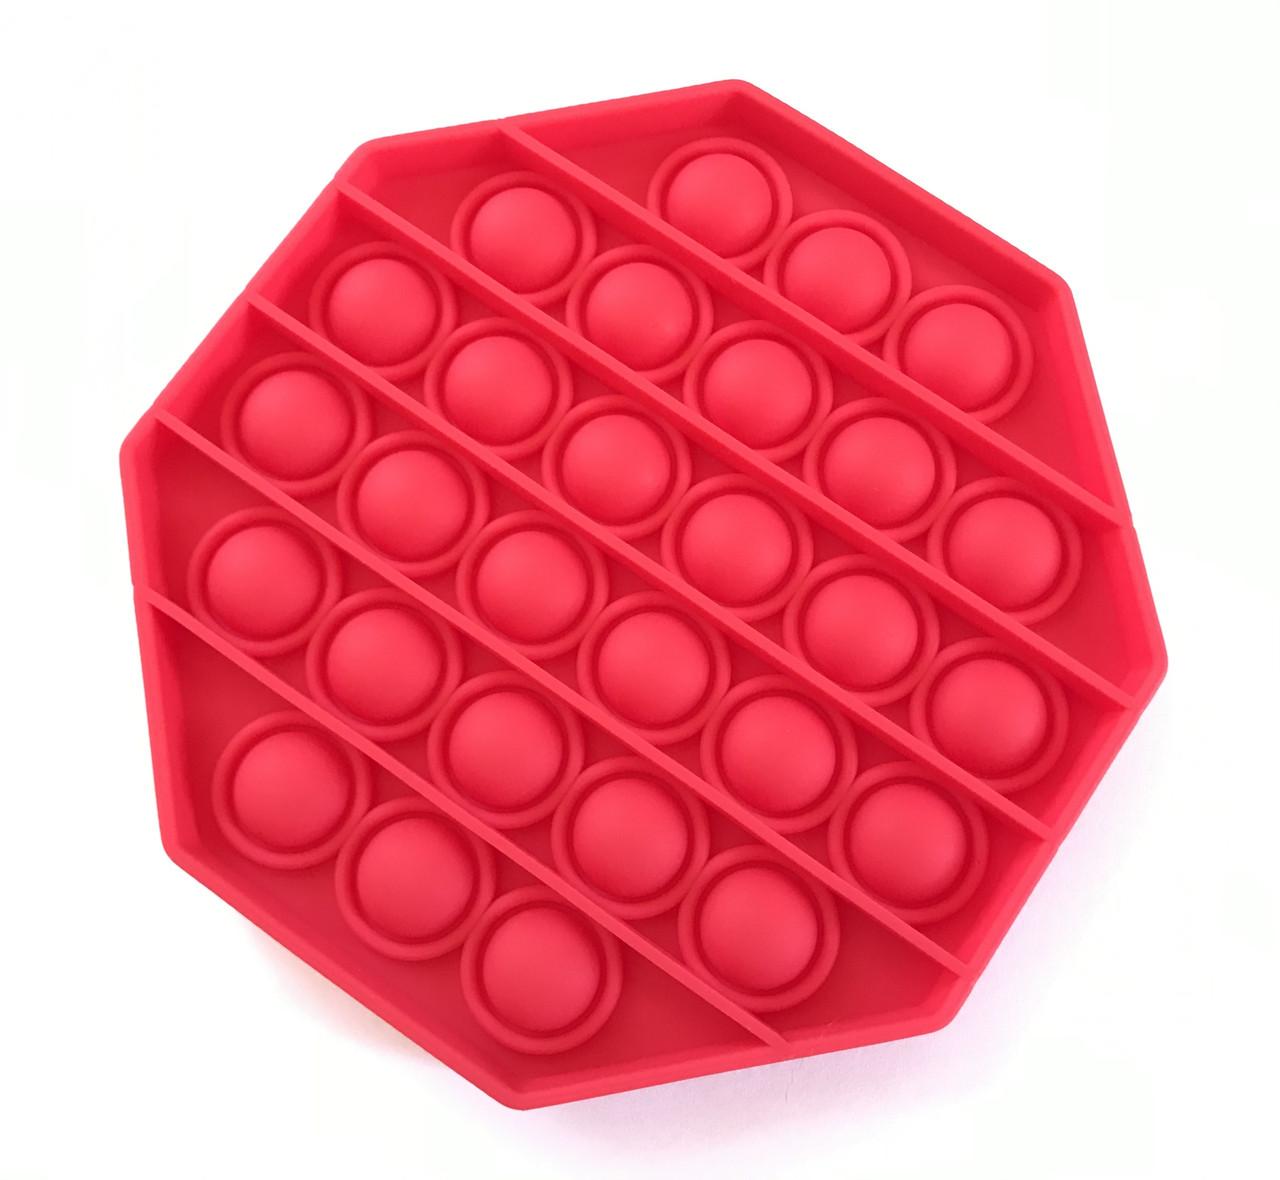 Pop It сенсорная игрушка, пупырка, поп ит антистресс, pop it fidget, попит, красный восьмиугольник